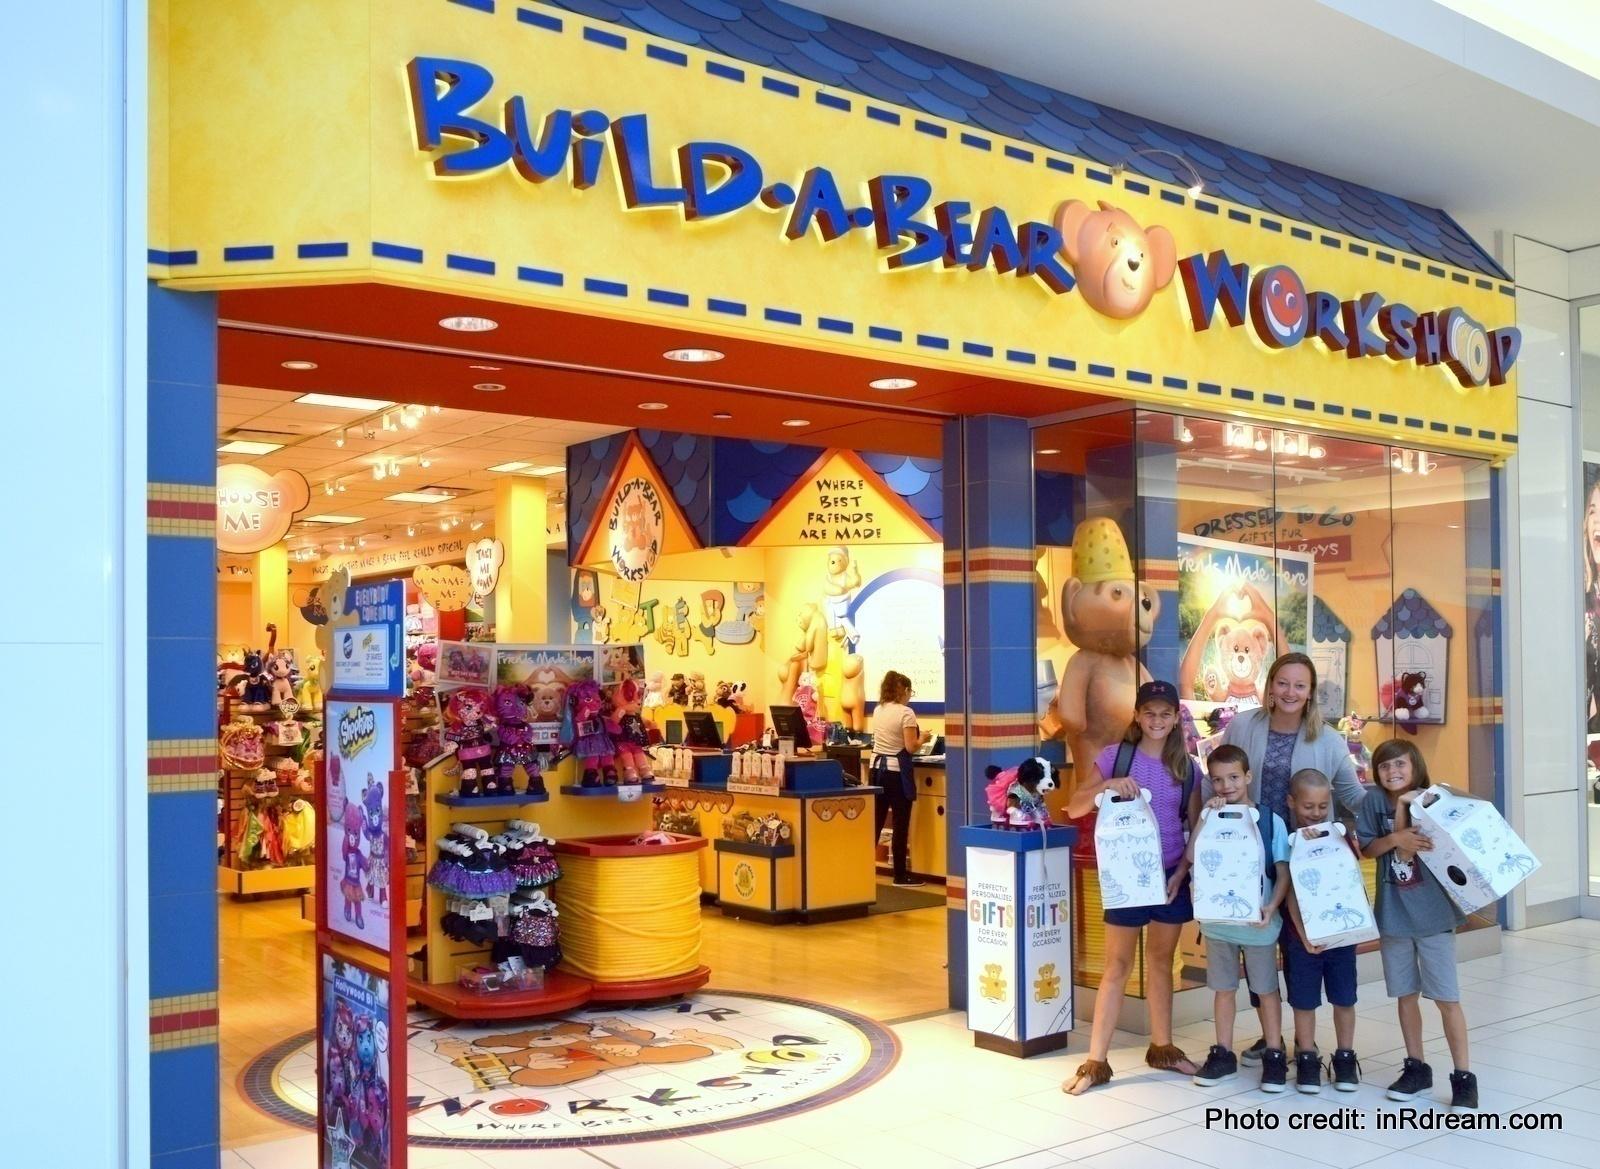 The Build-A-Bear Experience